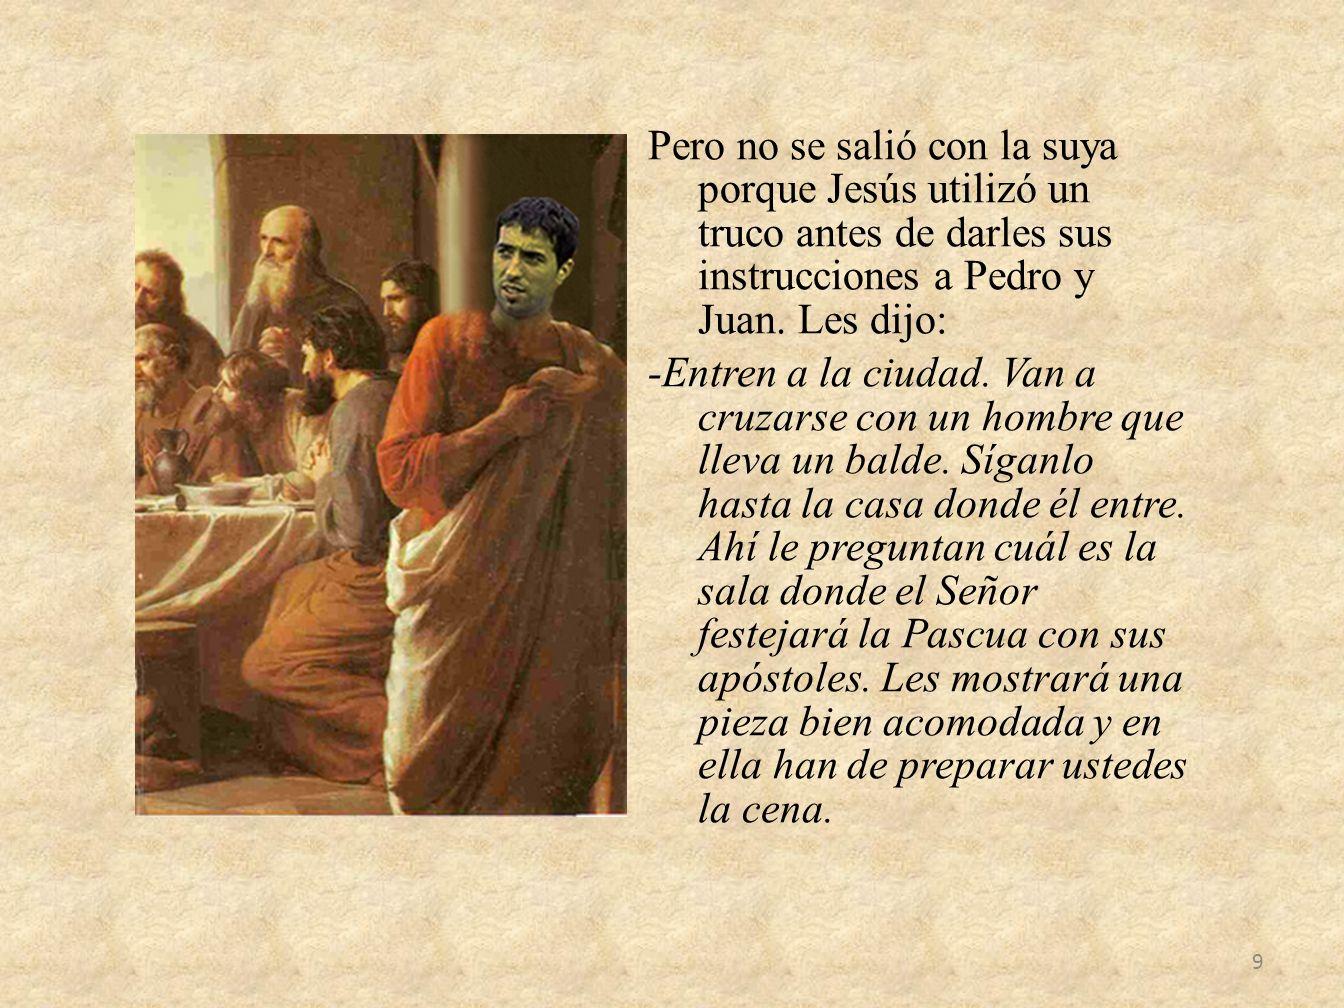 Pero no se salió con la suya porque Jesús utilizó un truco antes de darles sus instrucciones a Pedro y Juan.